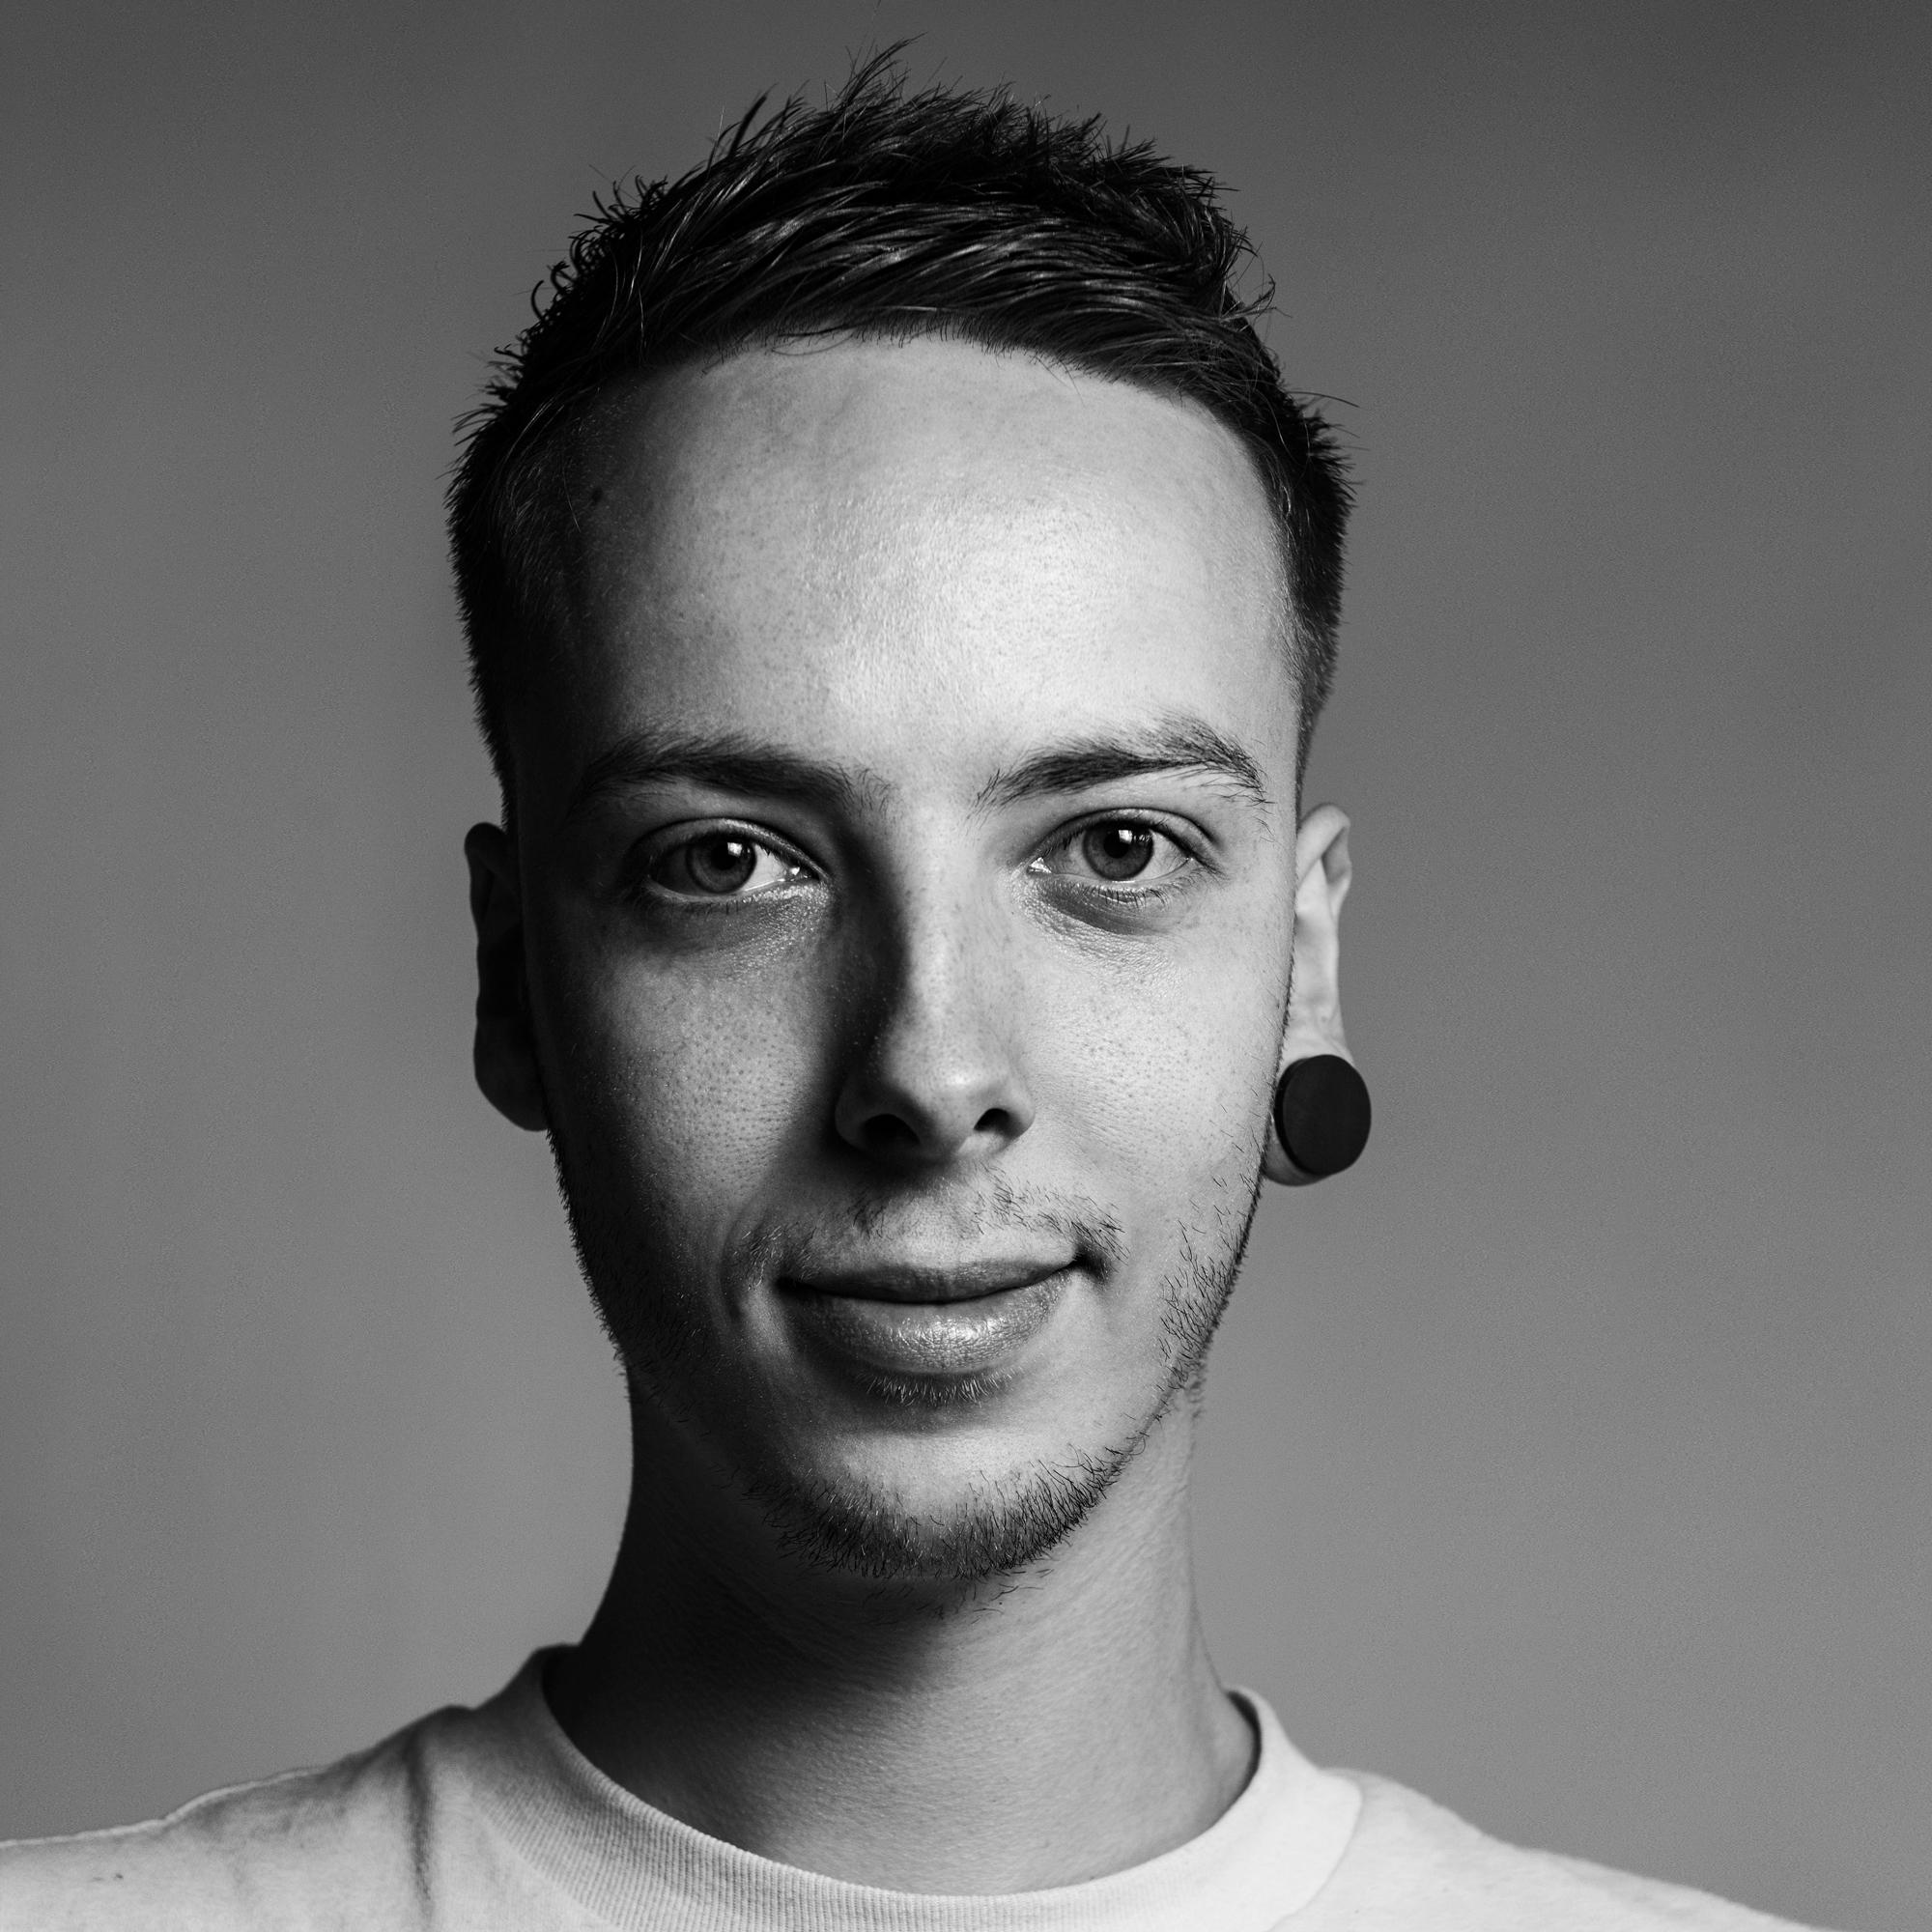 Max van Schie